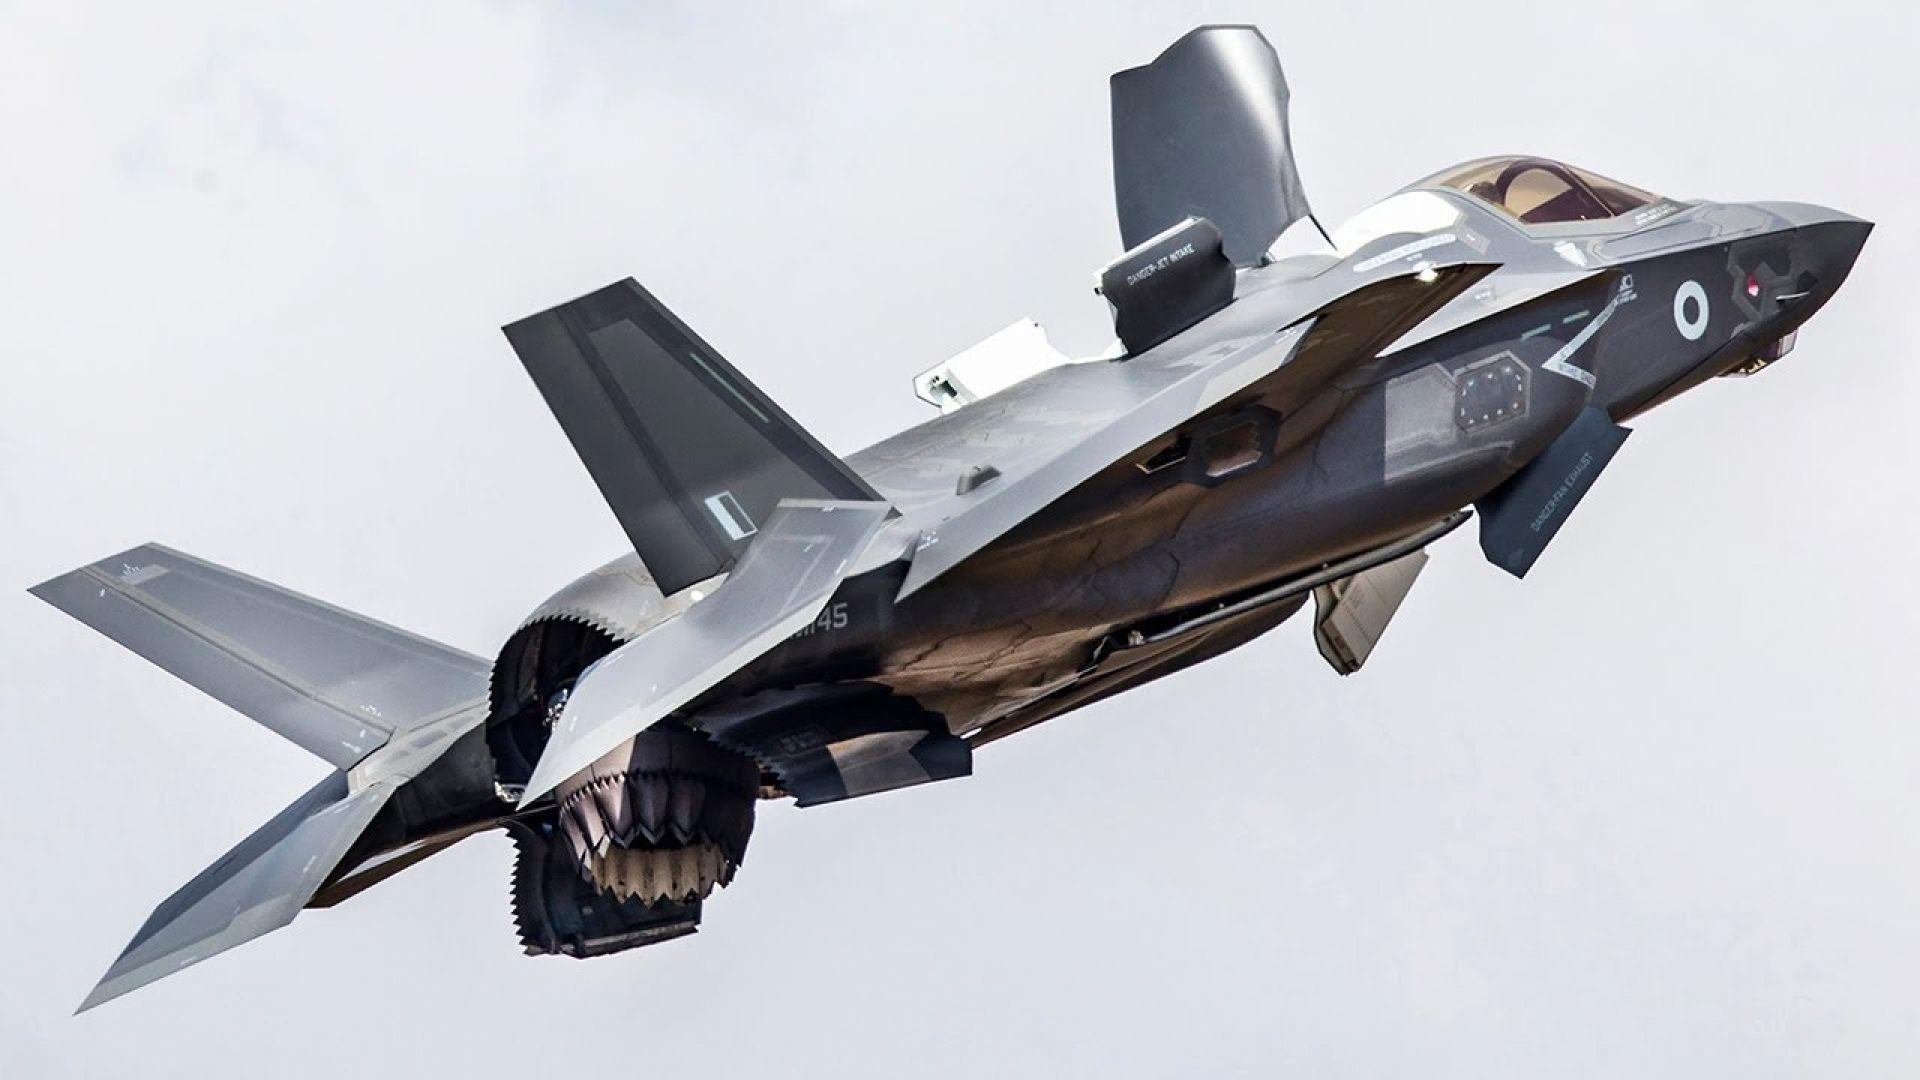 Турция може да смени Ф-35 с руски изтребители при санкции от САЩ за ракетните системи С-400